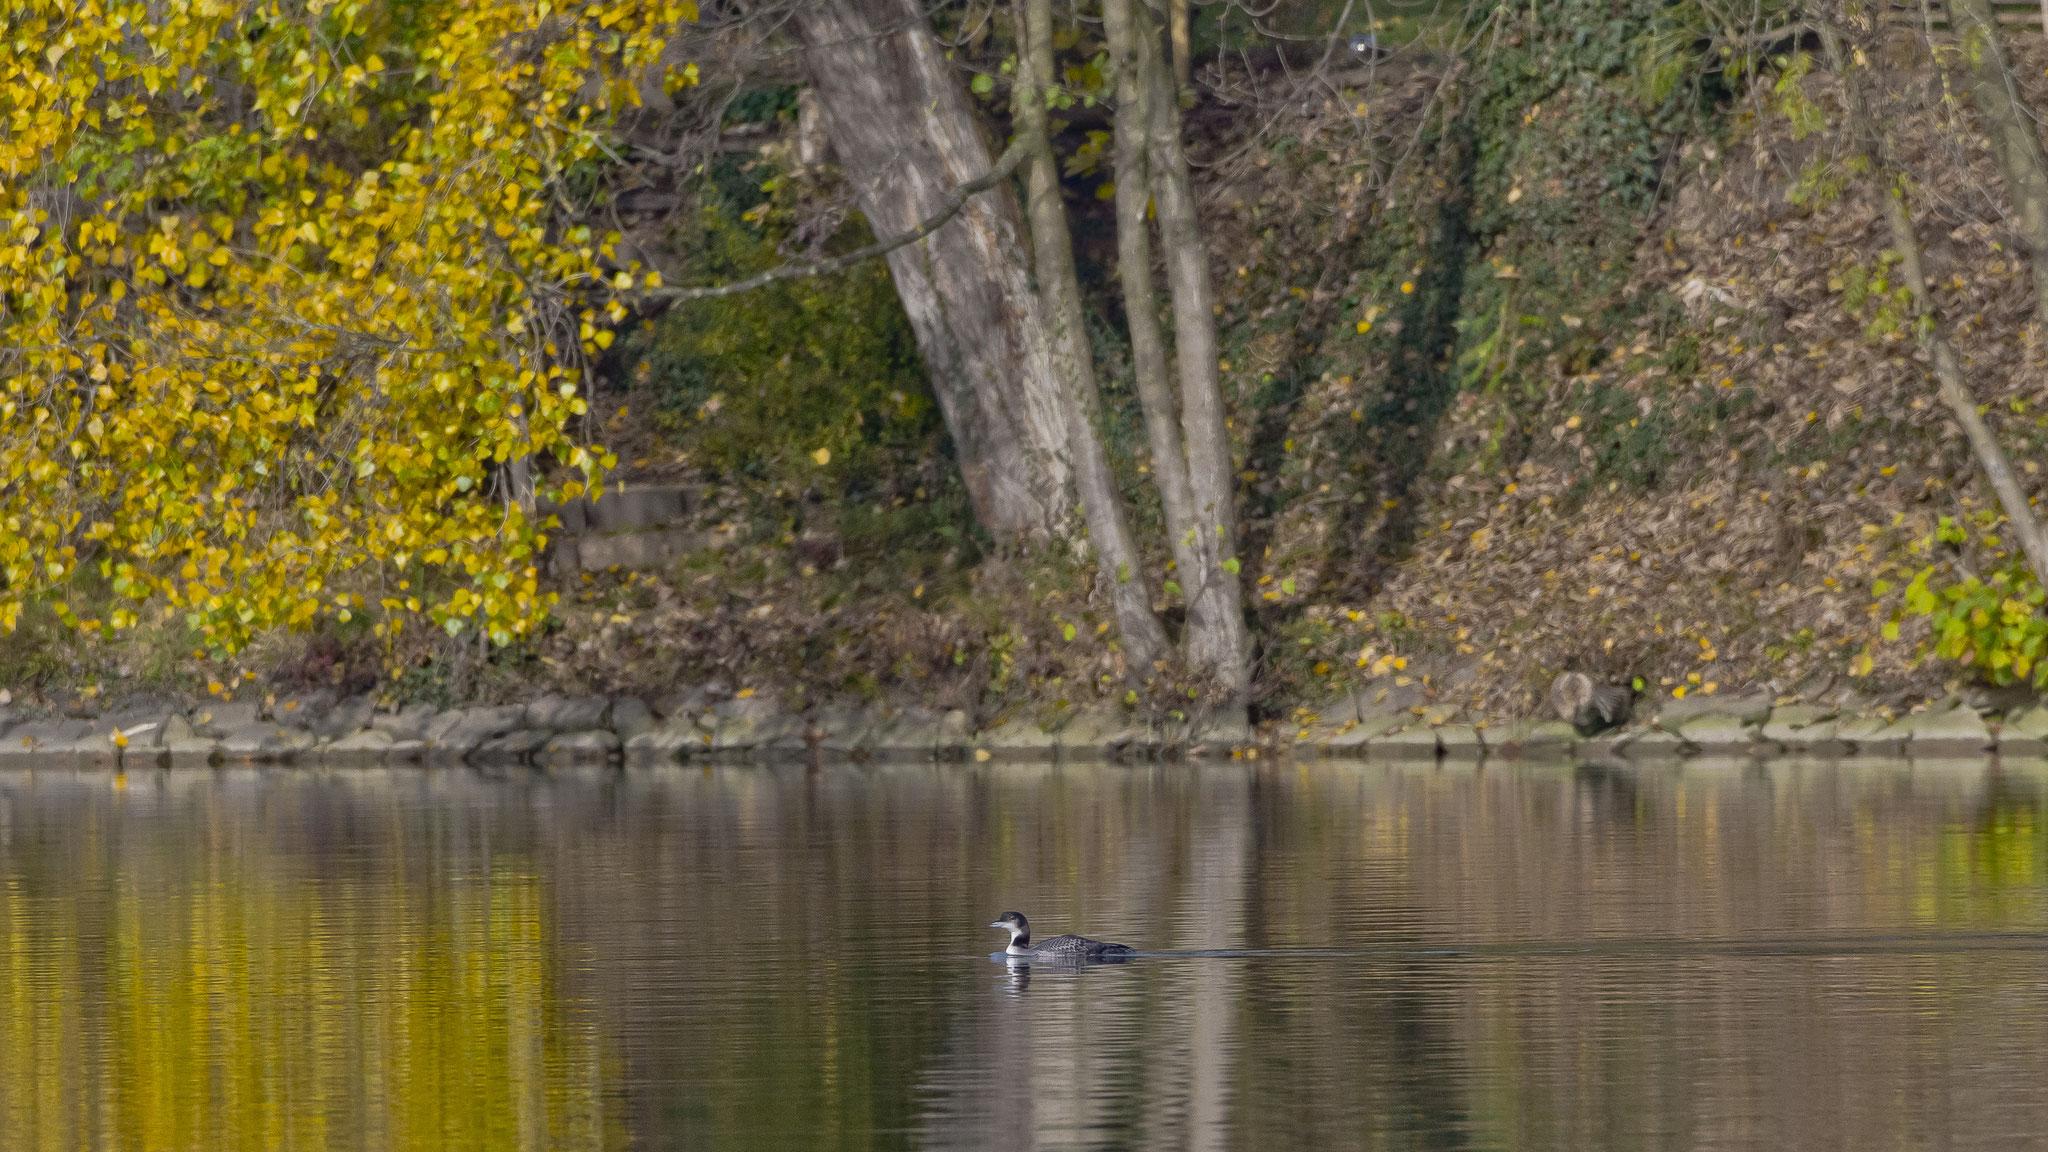 Eistaucher auf dem Rhein bei Sisseln